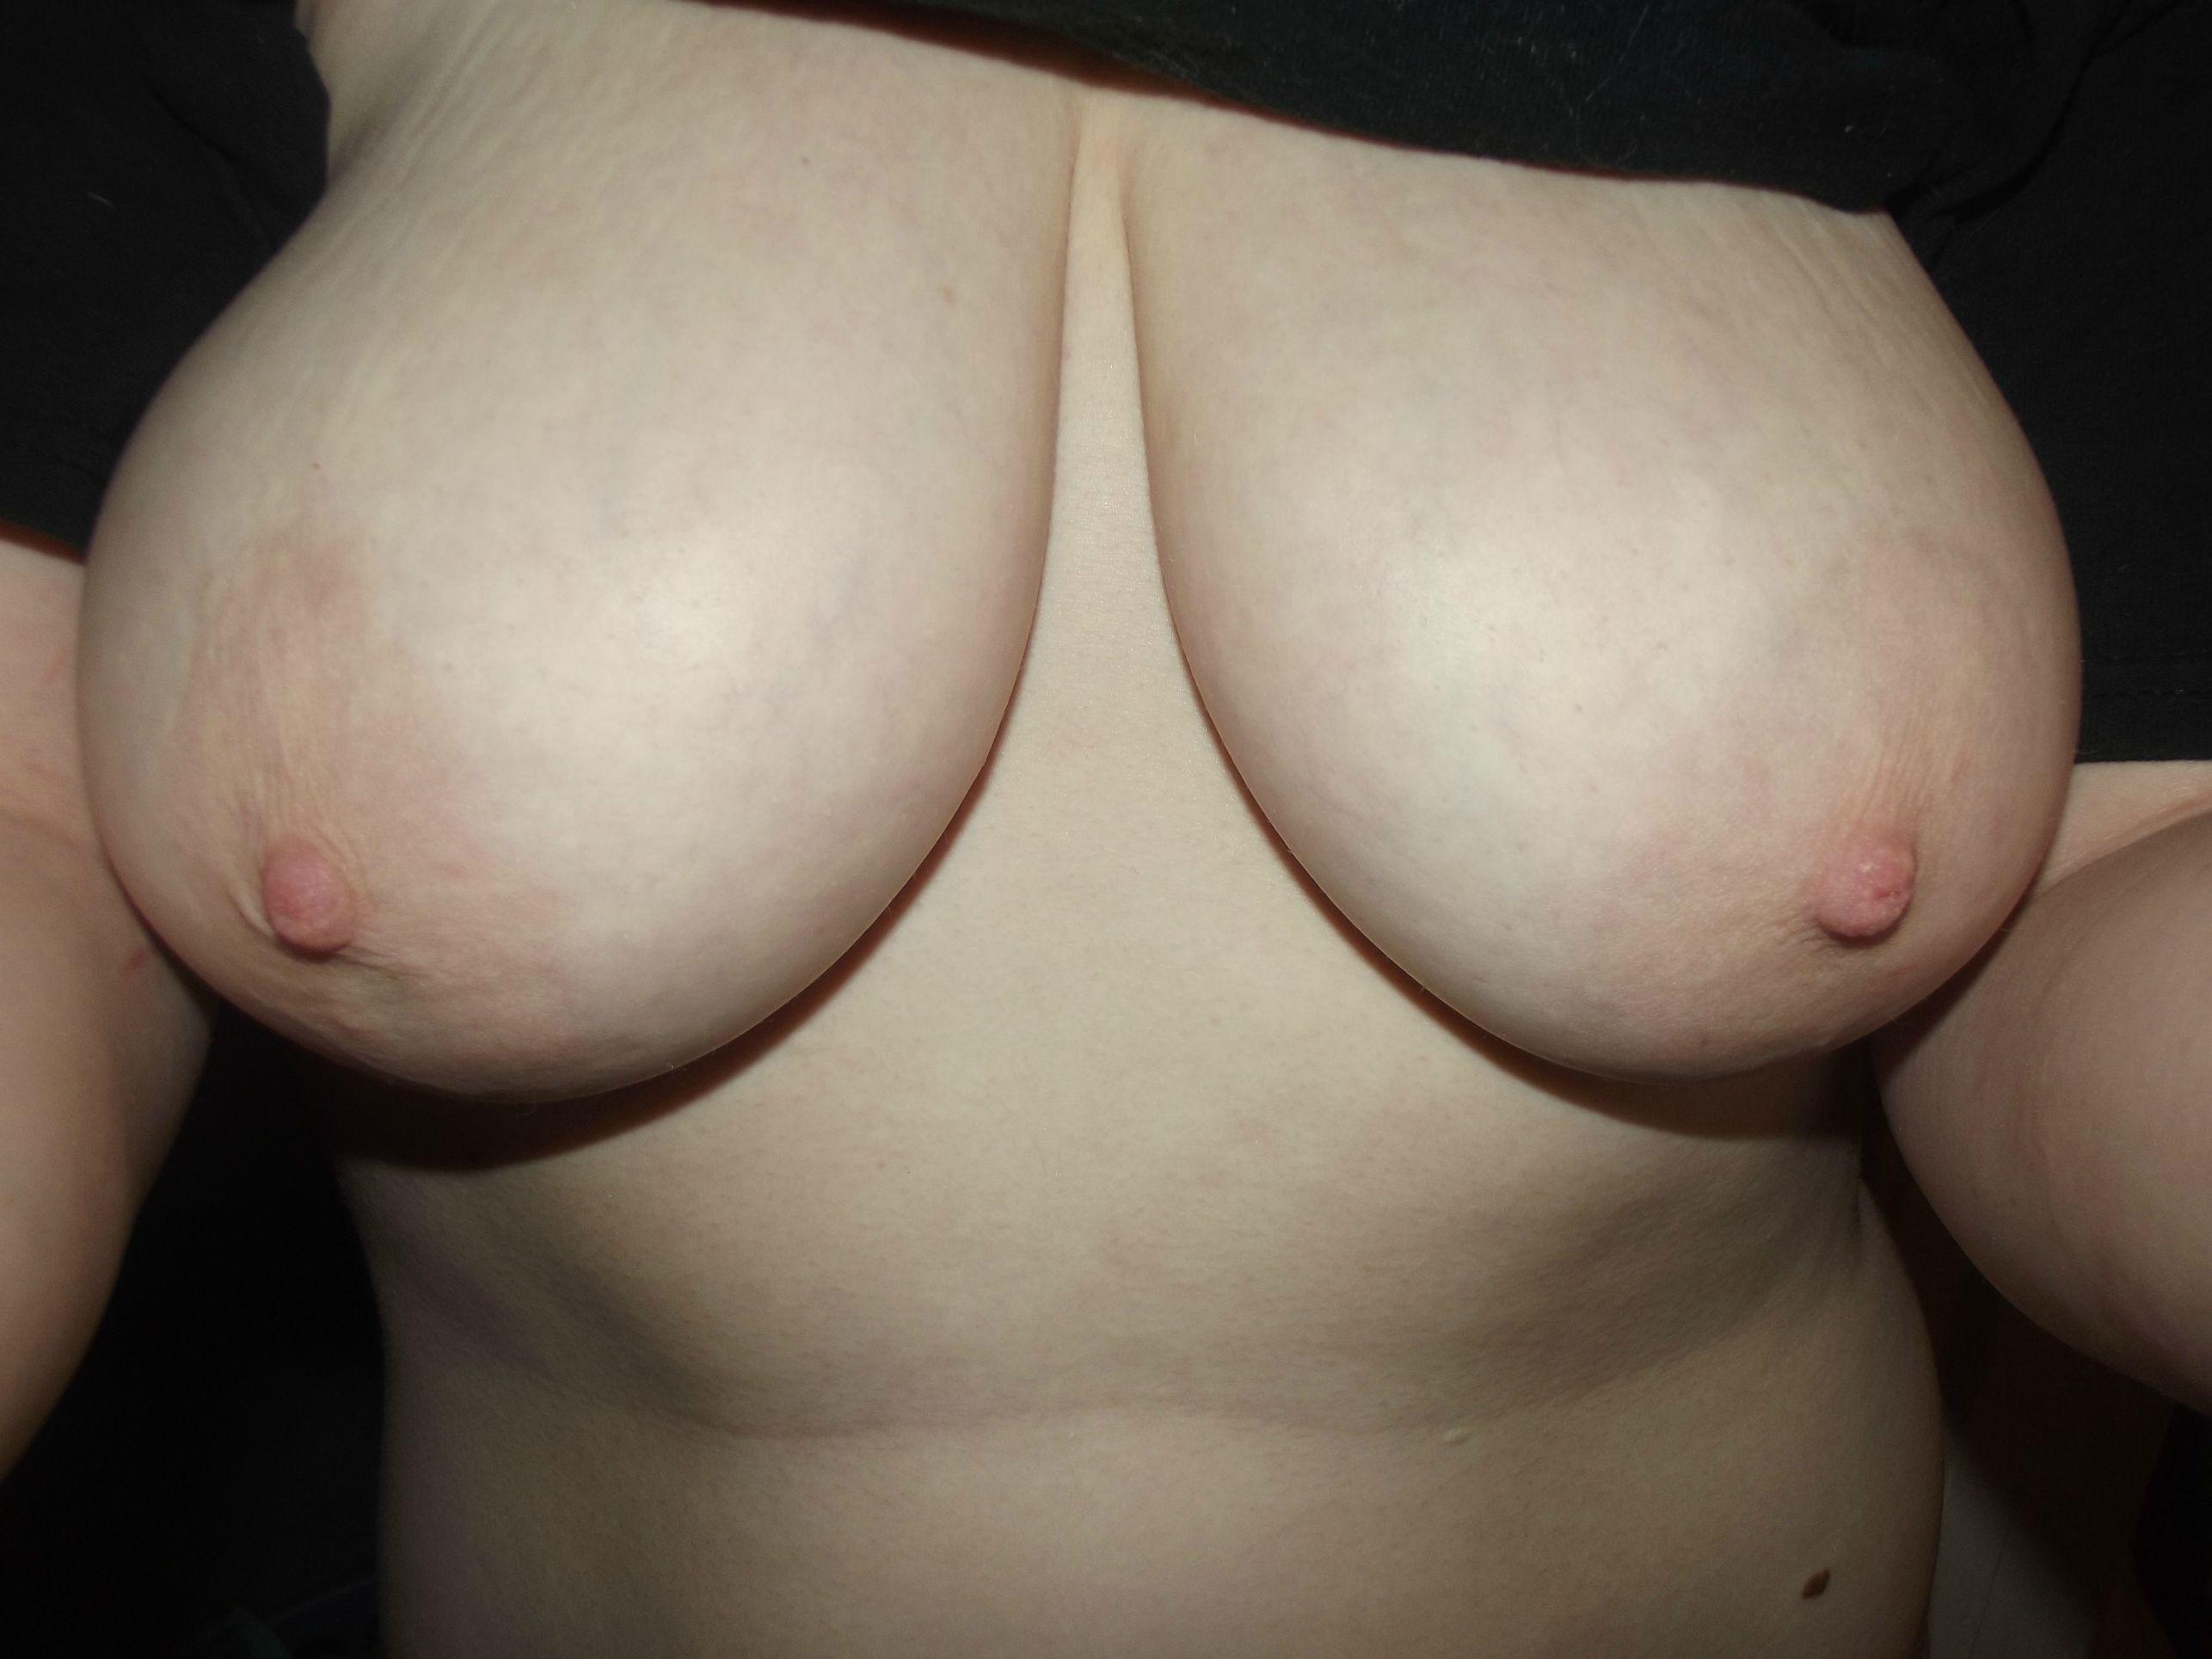 knulle bilder jenter søker sex